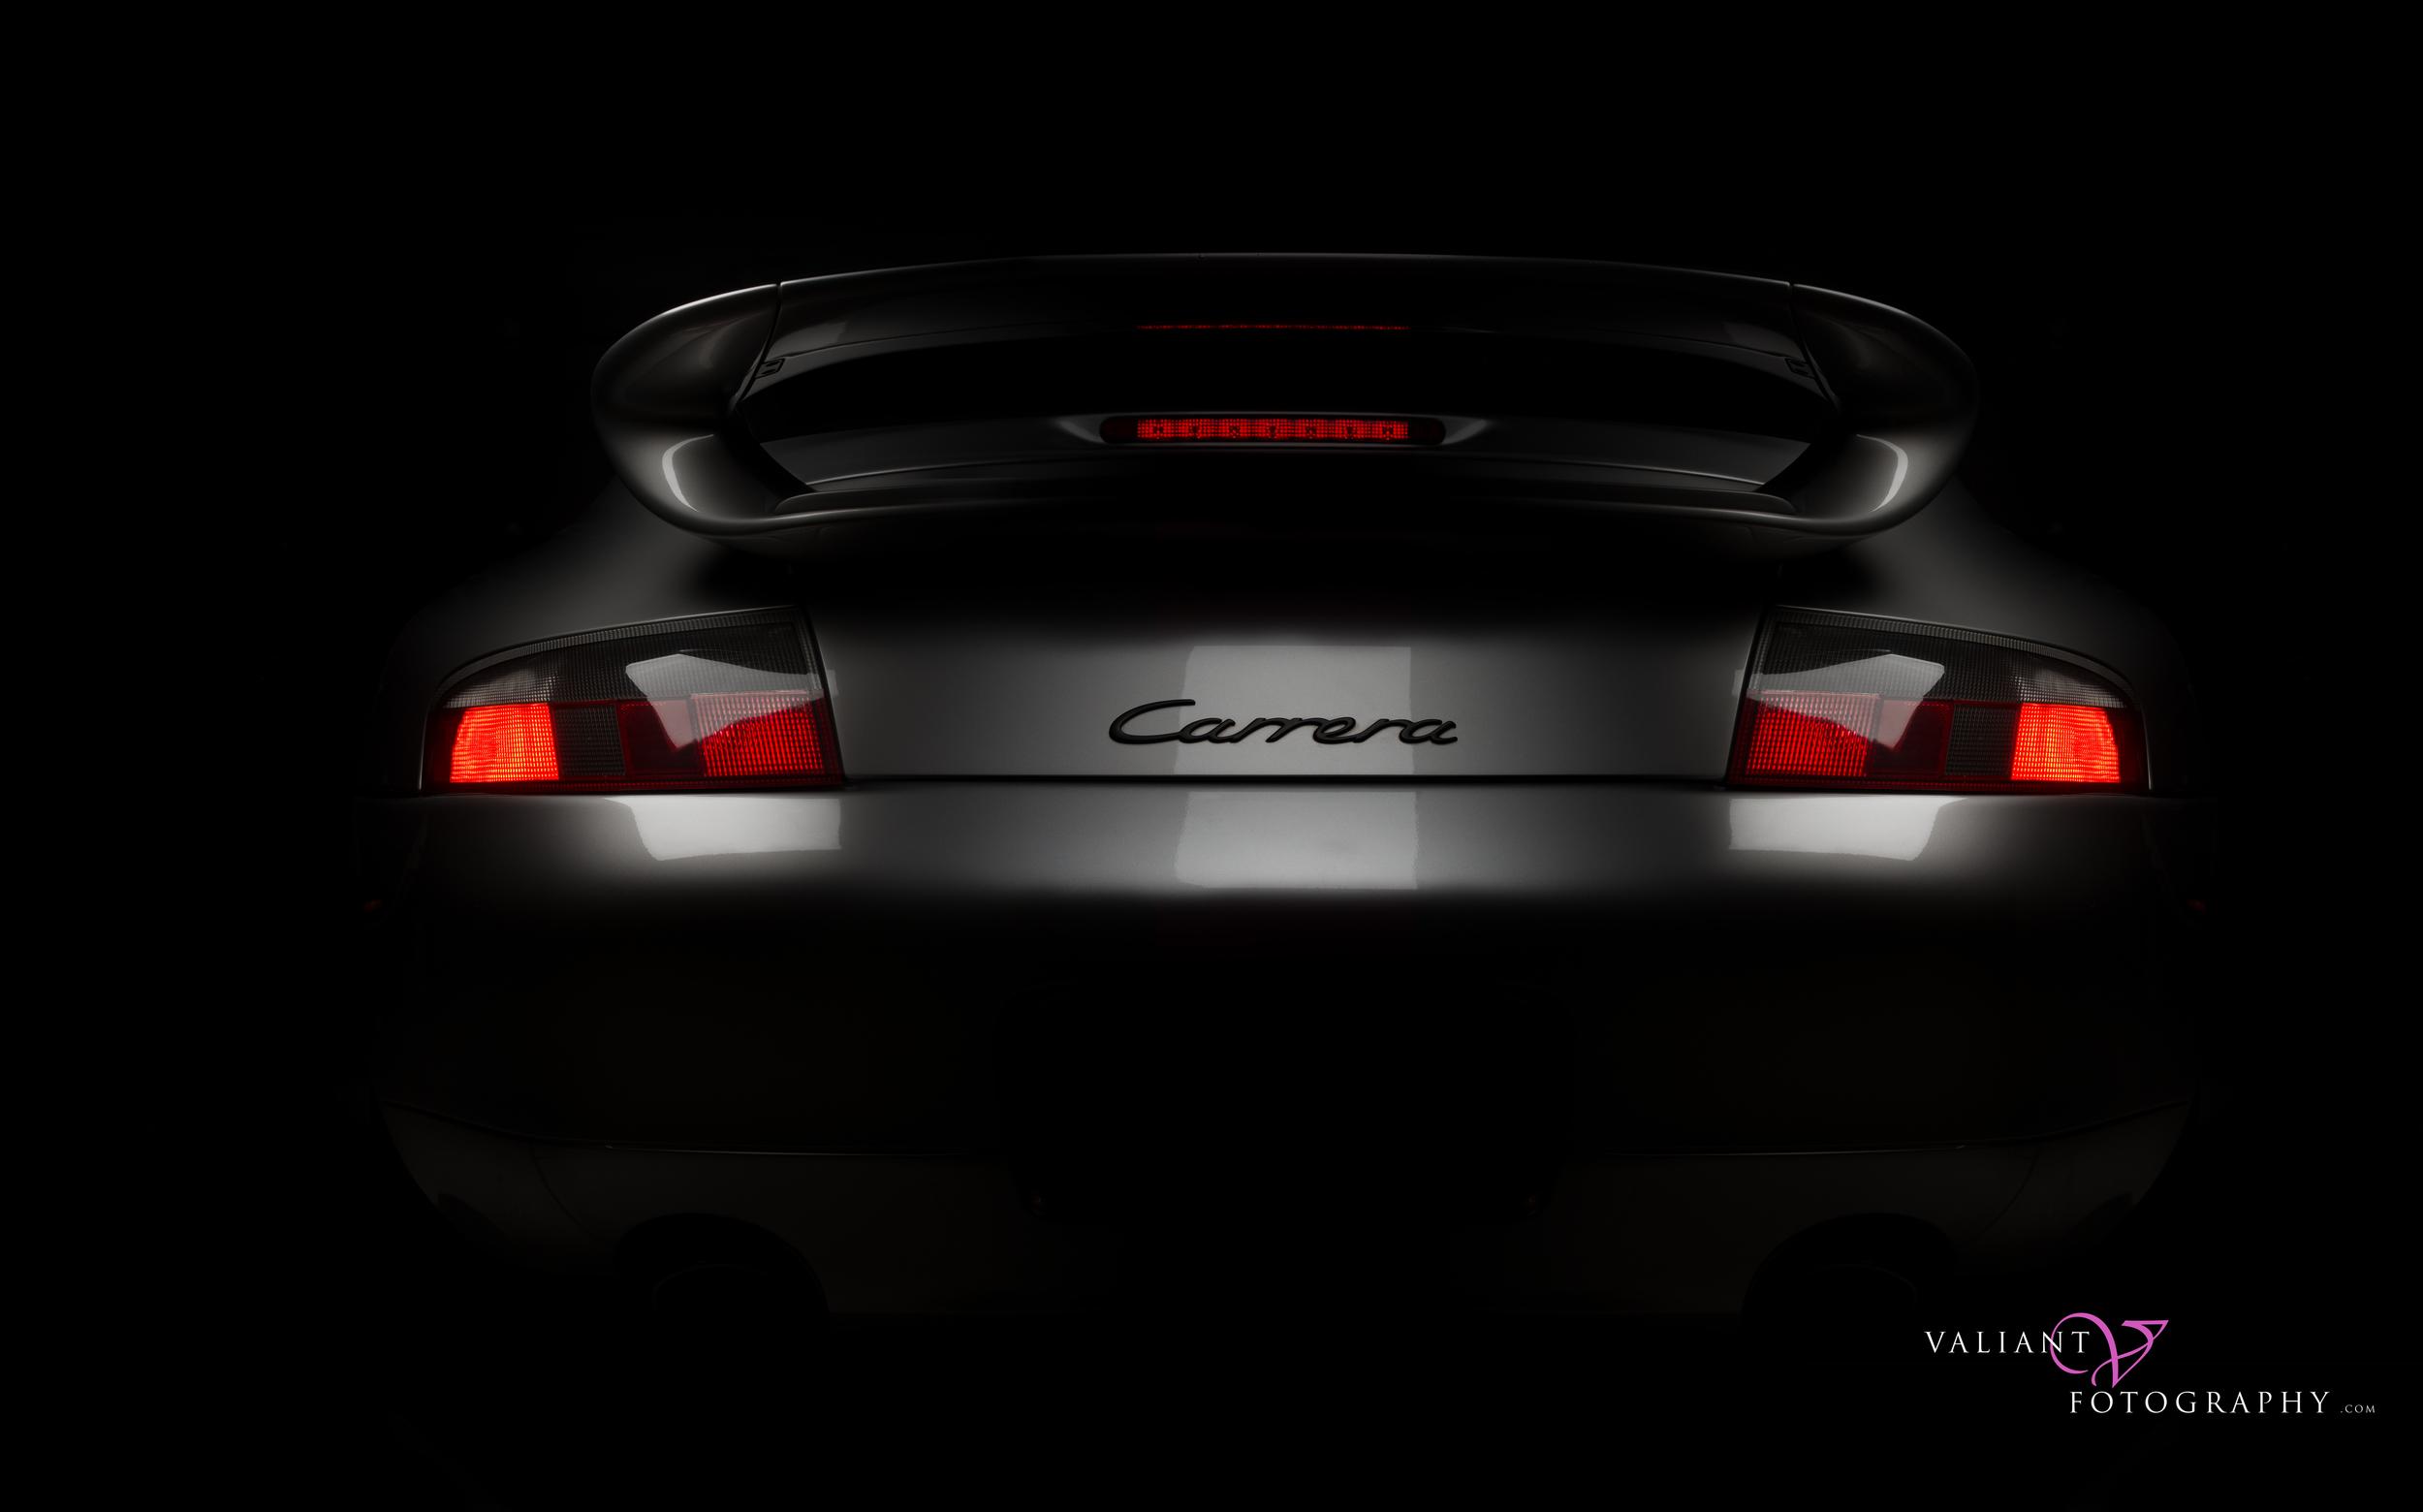 carrera 911 shoot-237-Edit-Edit.jpg